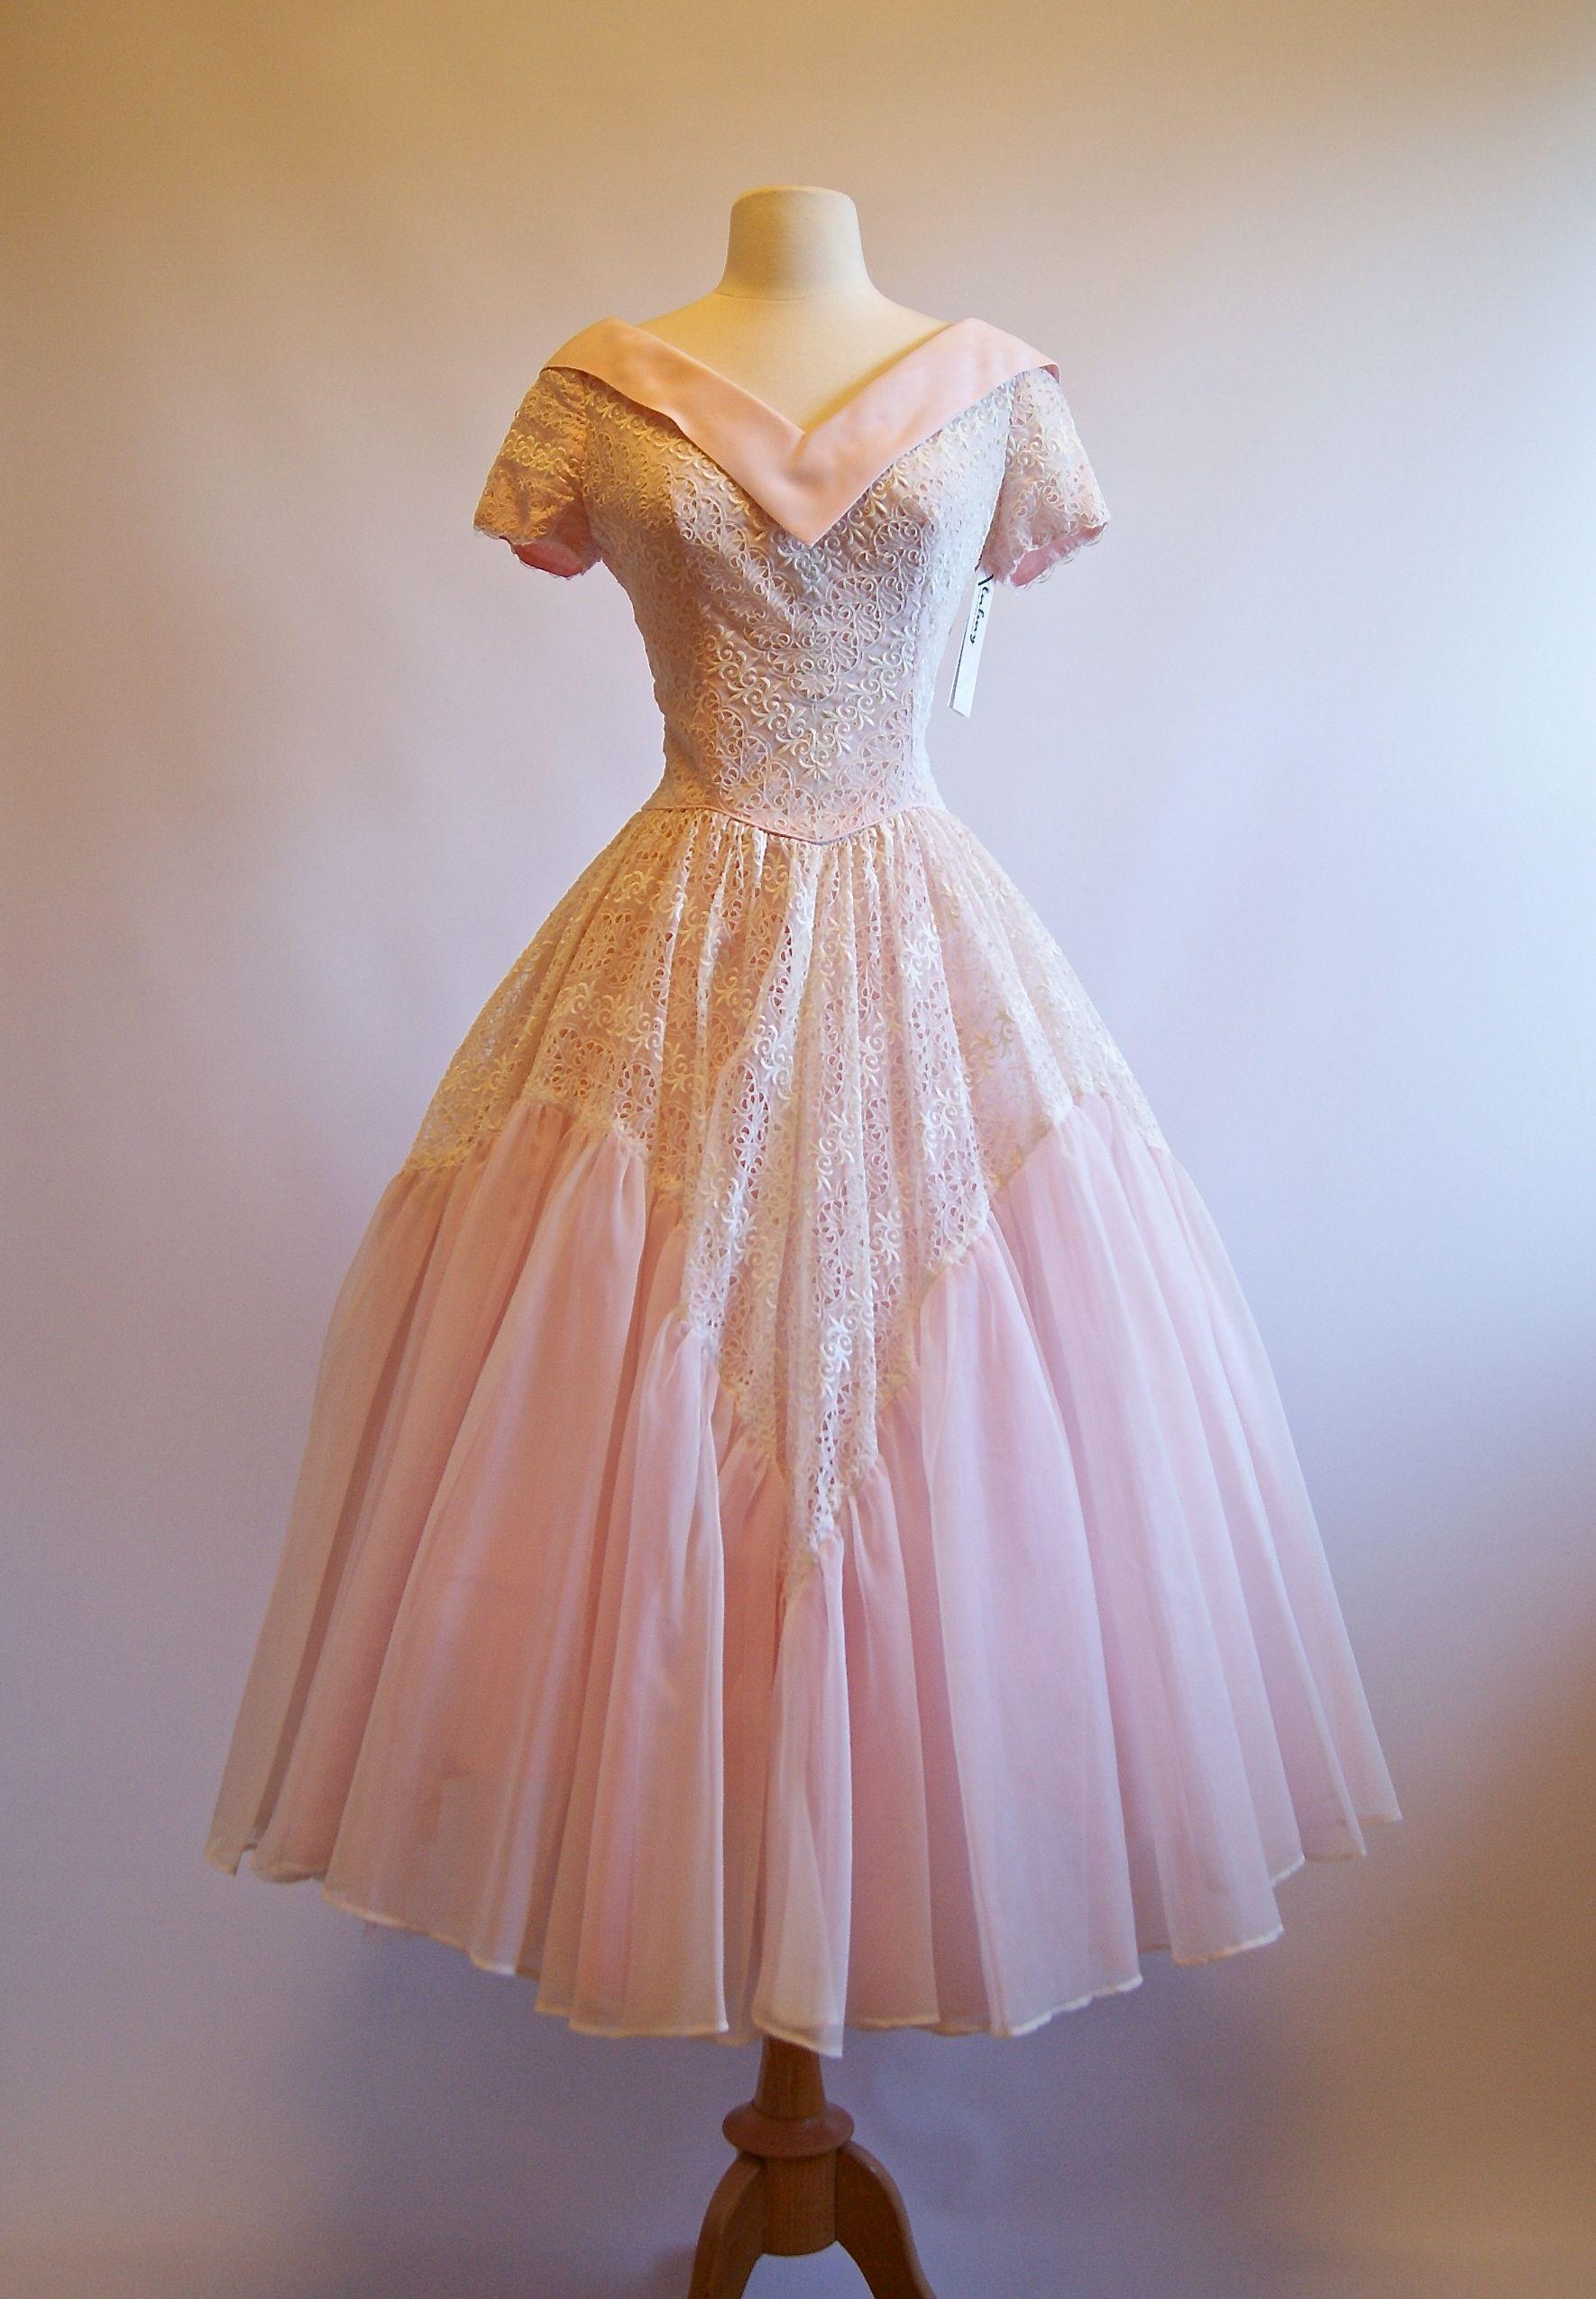 Vintage s dress s dress xtabayvintage vintage dresses